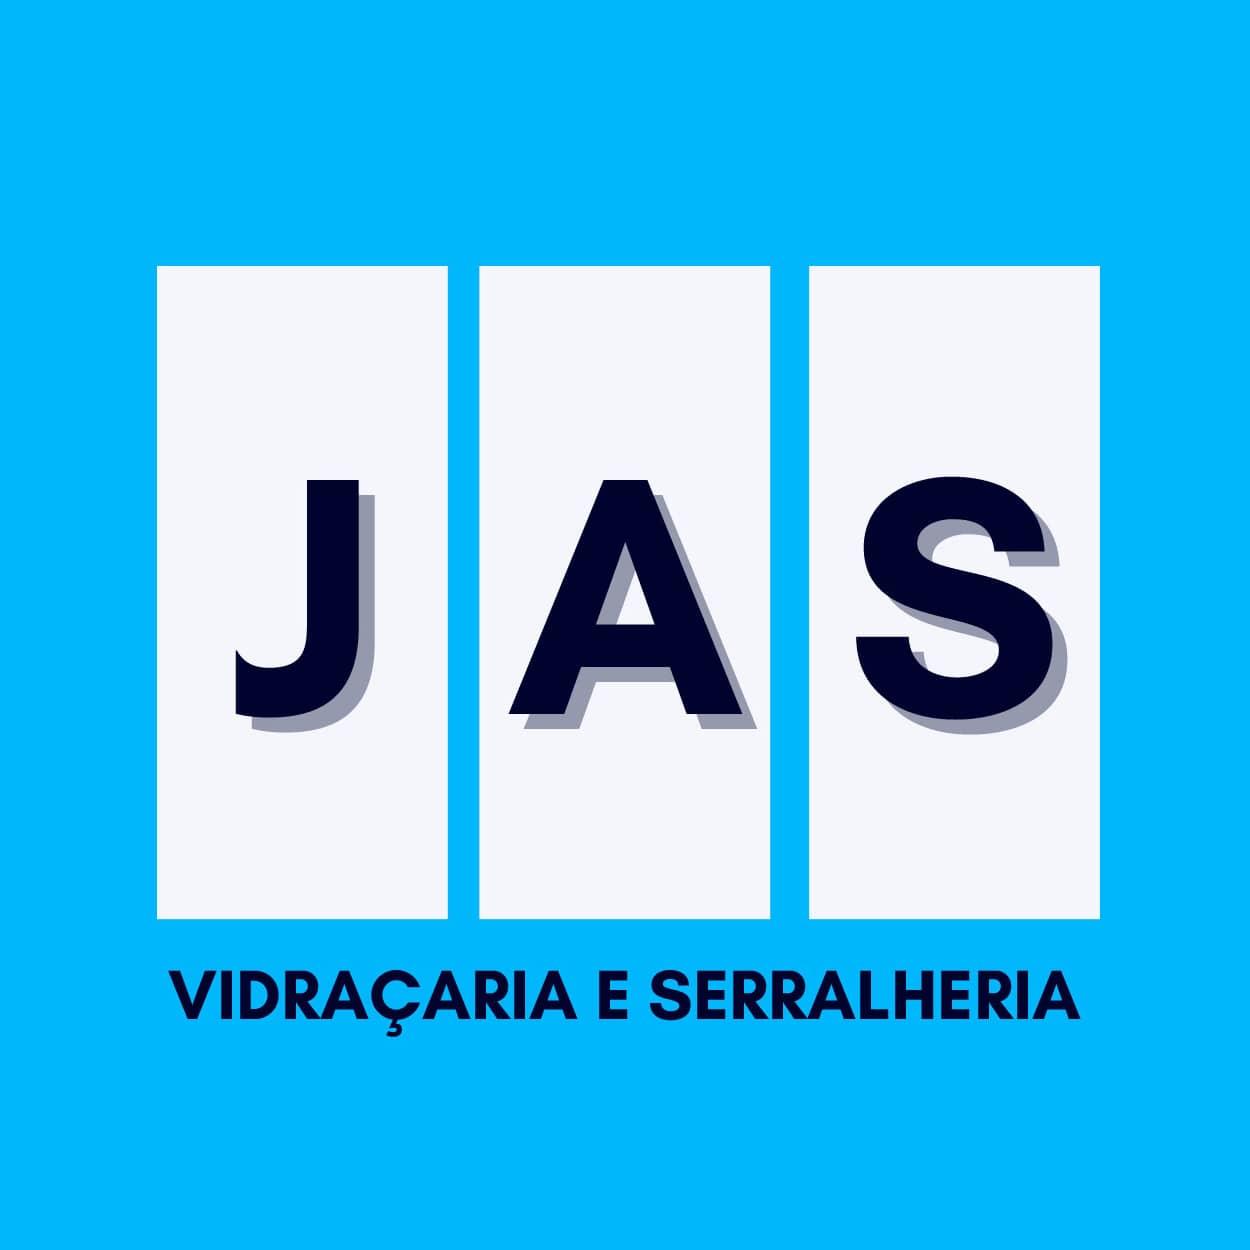 JAS Vidraçaria e Serralheria